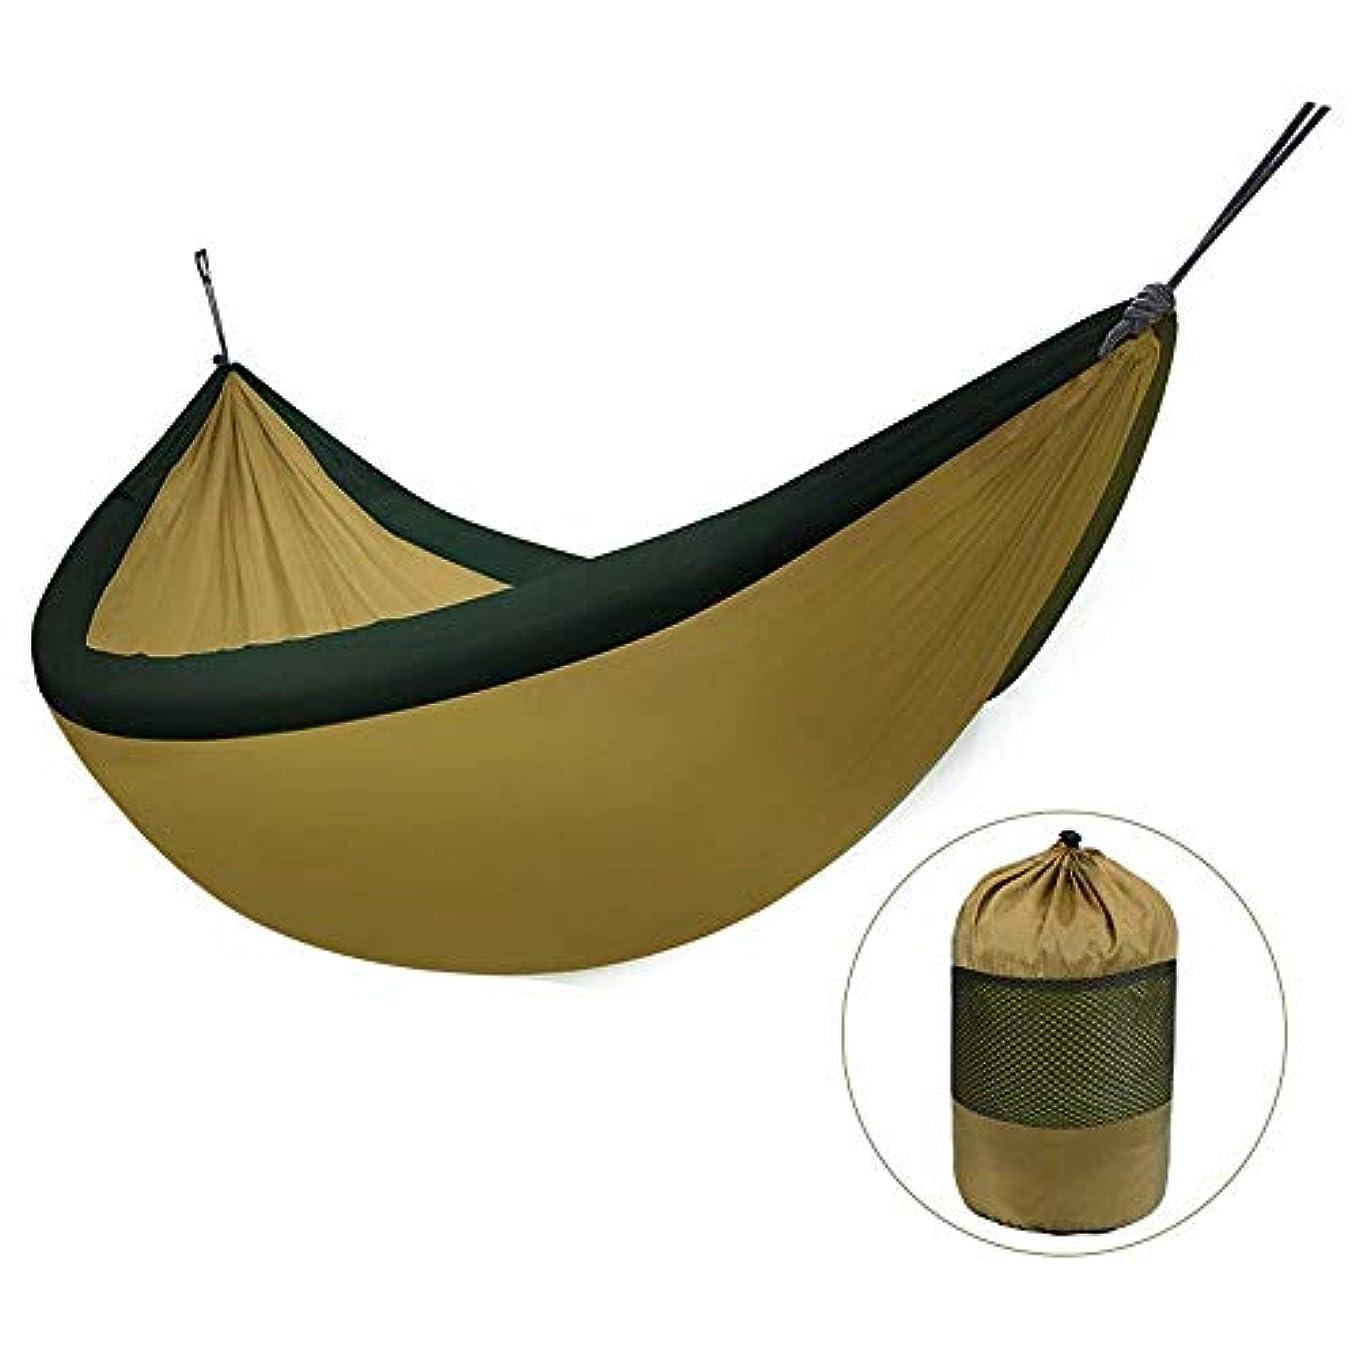 達成するペフ争うハンモックの最高のナイロンハンモックは掛かる革紐との強さの慰めのための裏庭の屋内キャンプの耐久の超軽量材料までを支えます (Size : Earthy yellow)